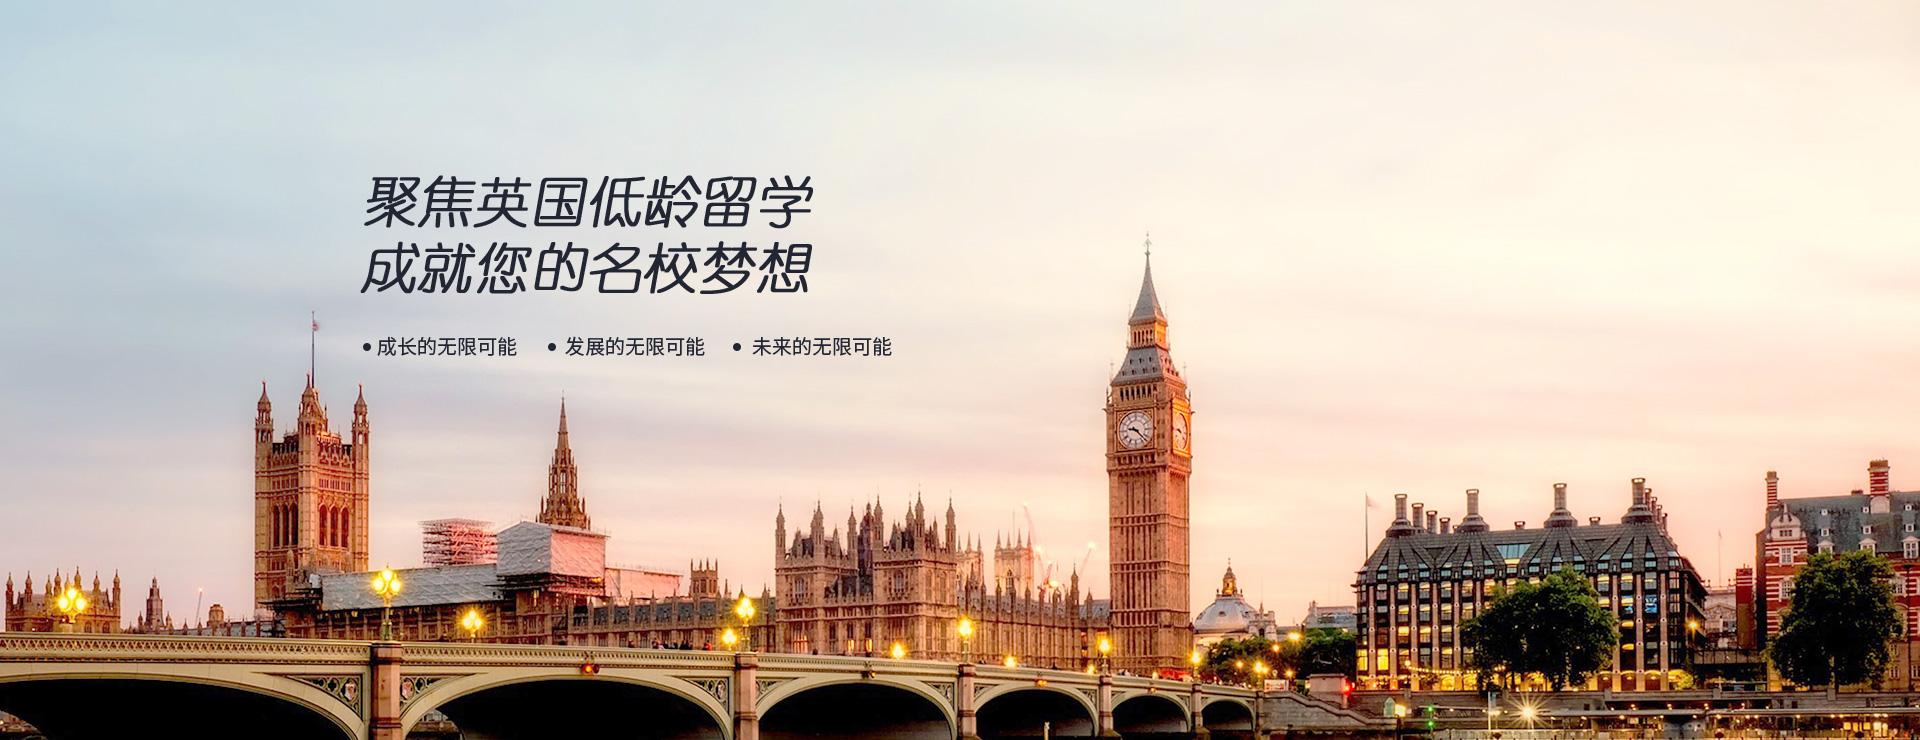 聚焦英国教育,成就名校梦想